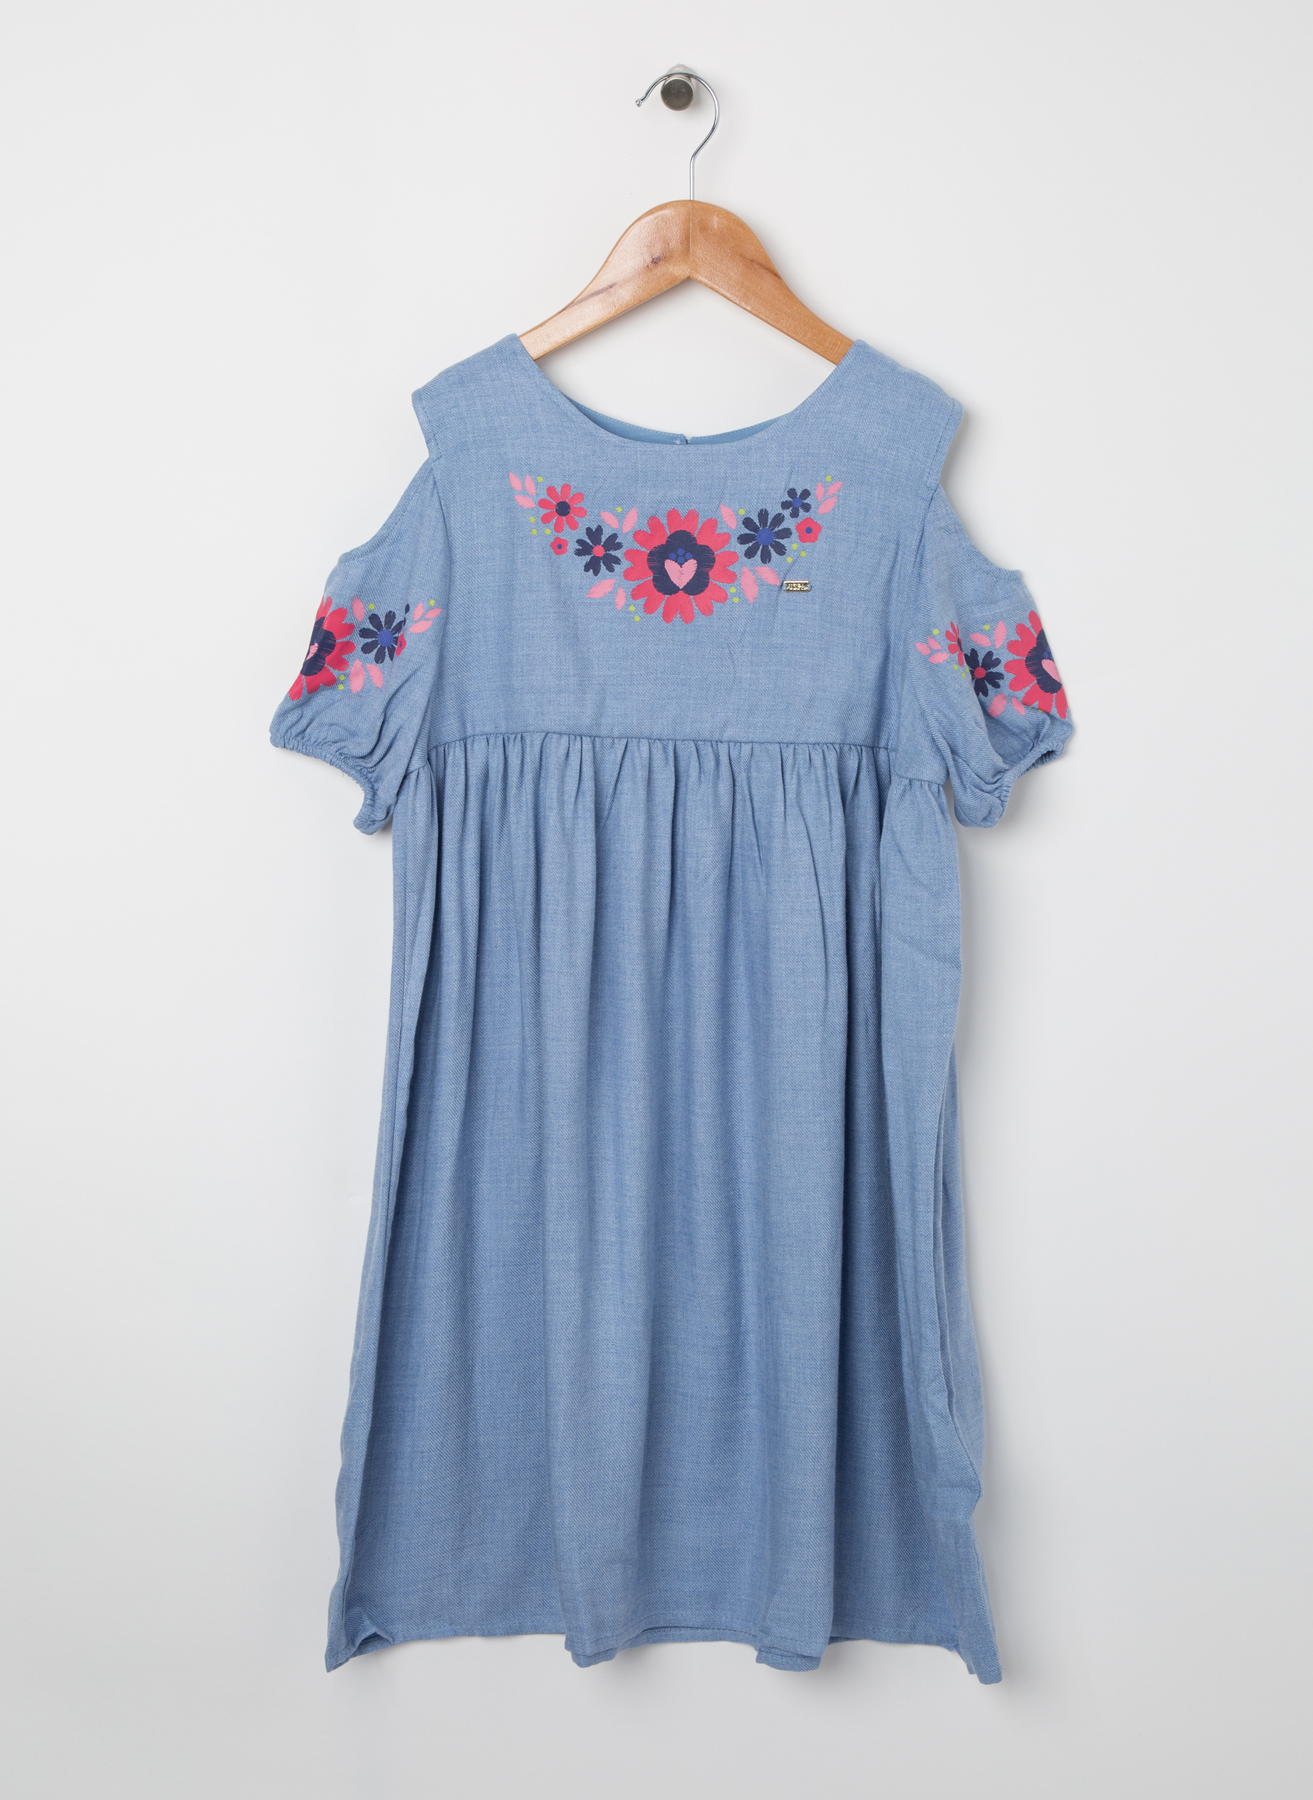 U.S. Polo Assn. Genç Kız Omuz Dekolteli Mavi Elbise 10 Yaş 5001704433001 Ürün Resmi